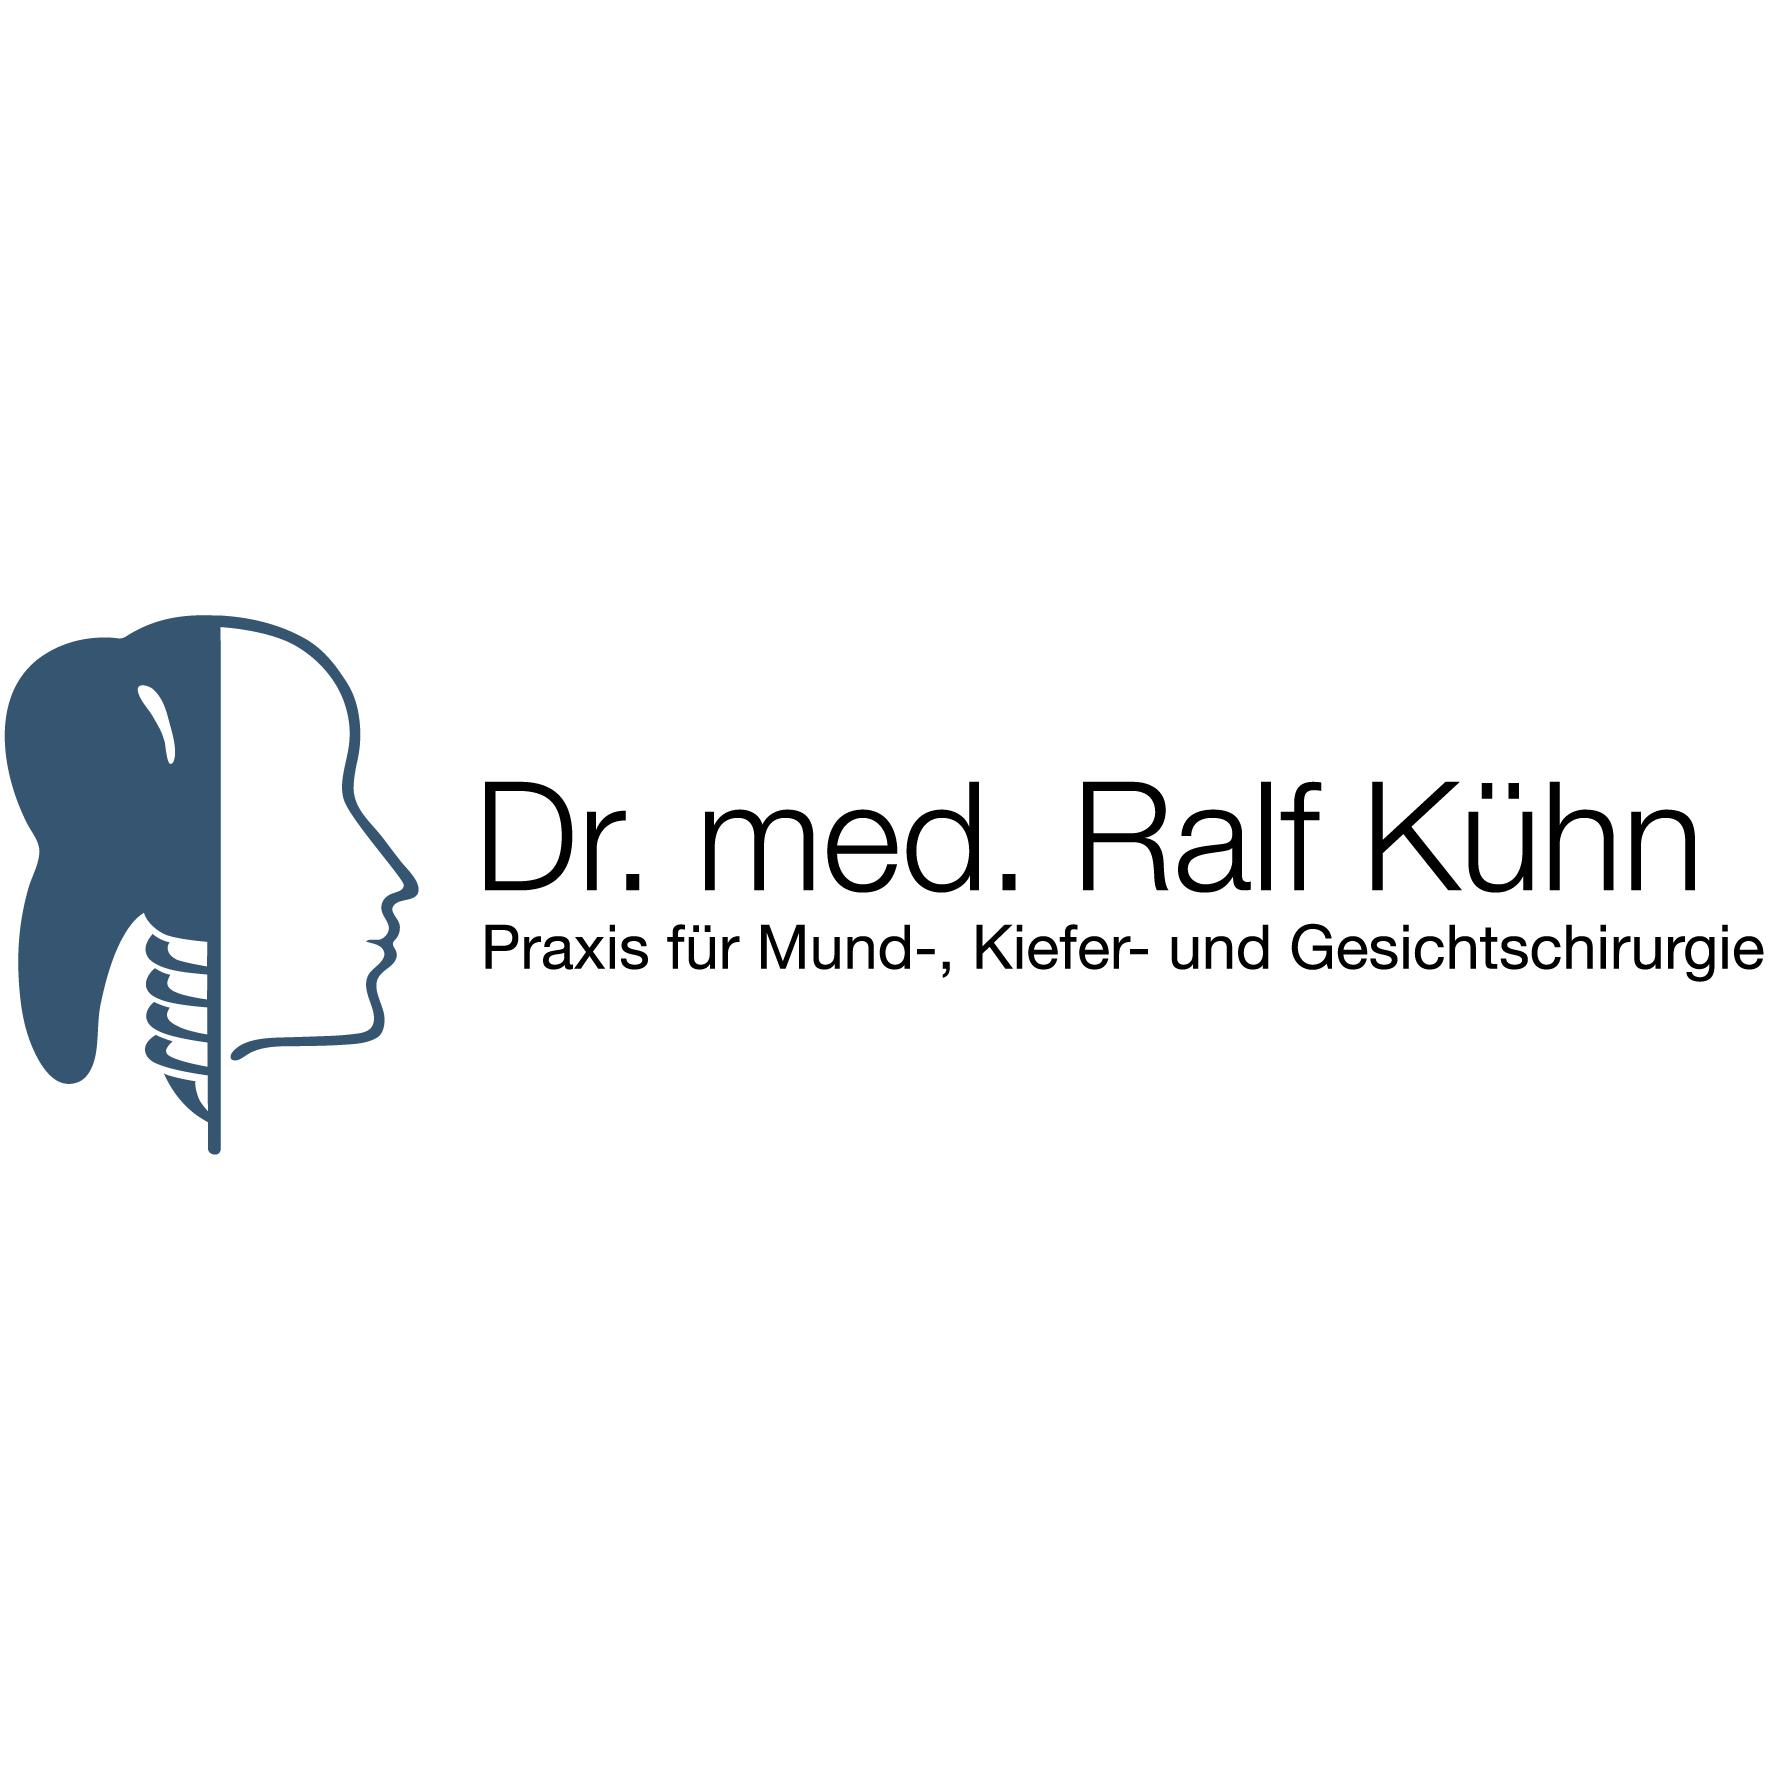 Dr. Ralf Kühn, Facharzt für Mund-, Kiefer und Gesichtschirurgie in Berlin